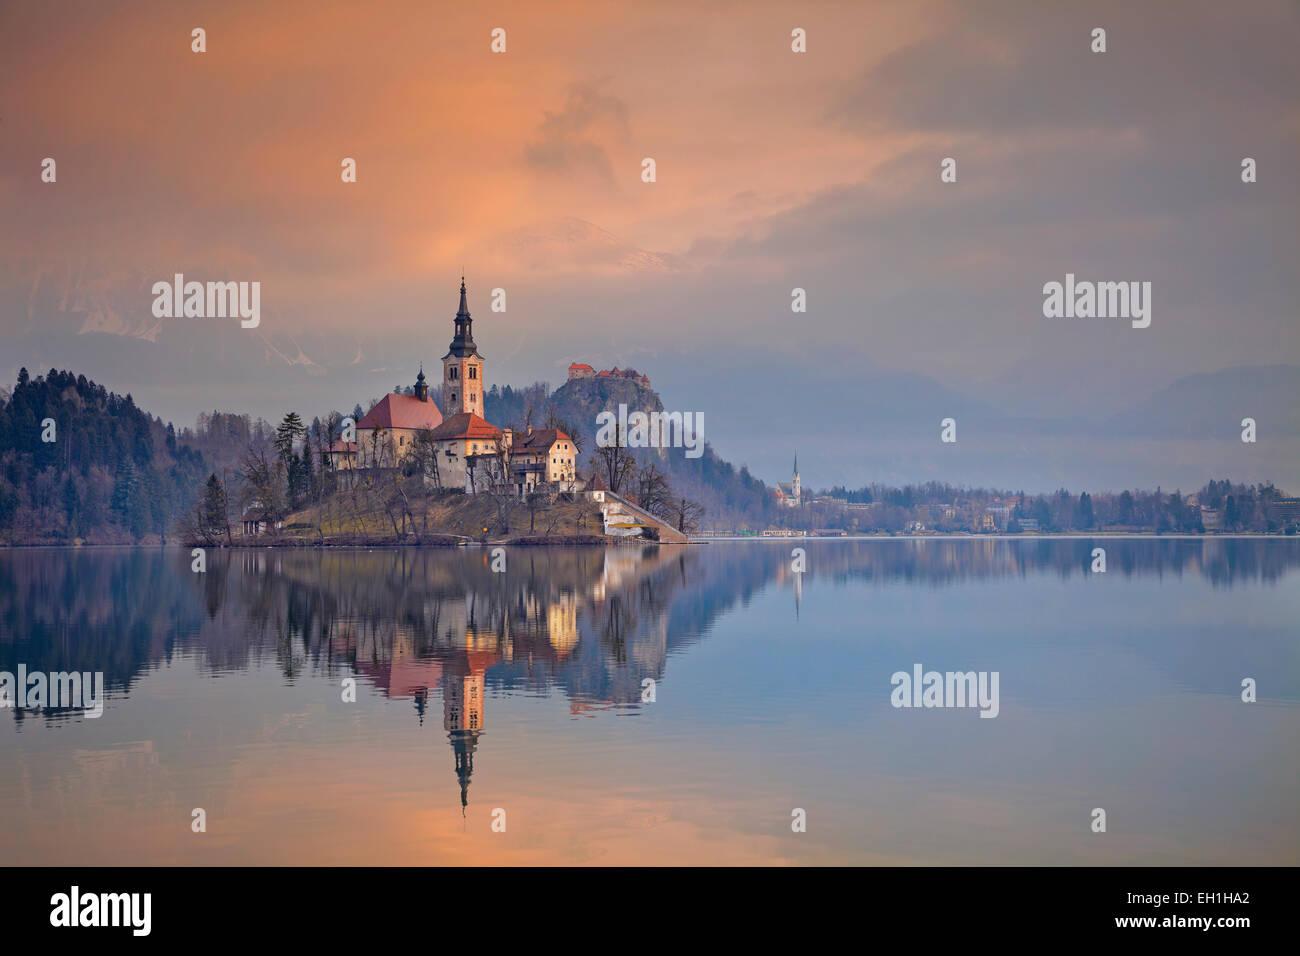 Bleder See. Bleder See mit St. Marys Church Mariä Himmelfahrt auf der kleinen Insel. Bled, Slowenien, Europa. Stockbild